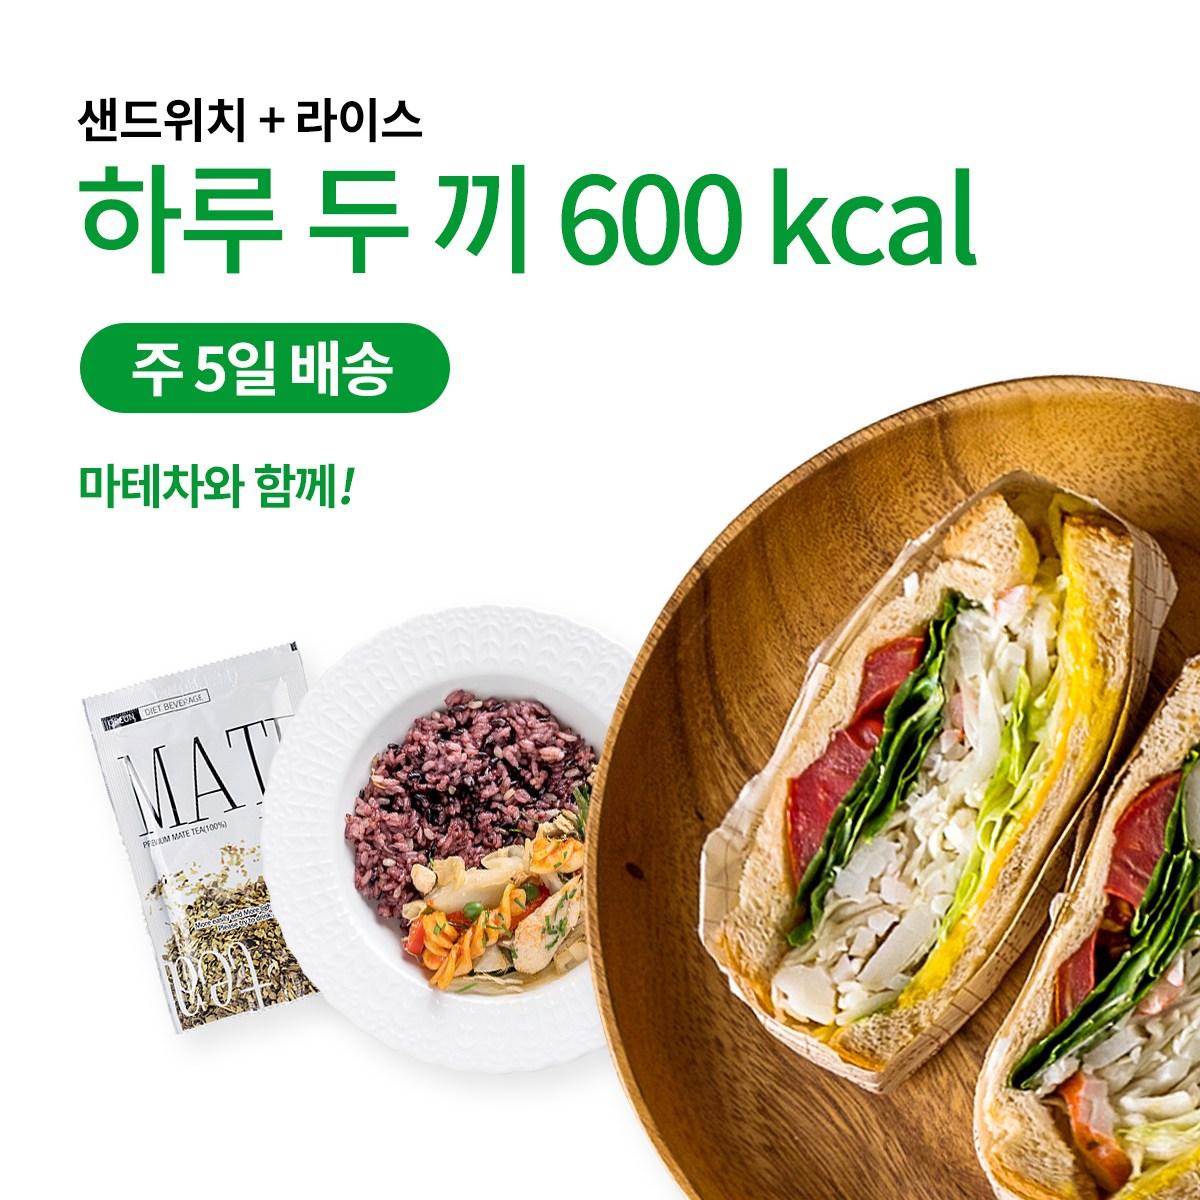 슬림쿡 [정기배송] 간헐적 단식A 식단관리 도시락 X 2주, 단품